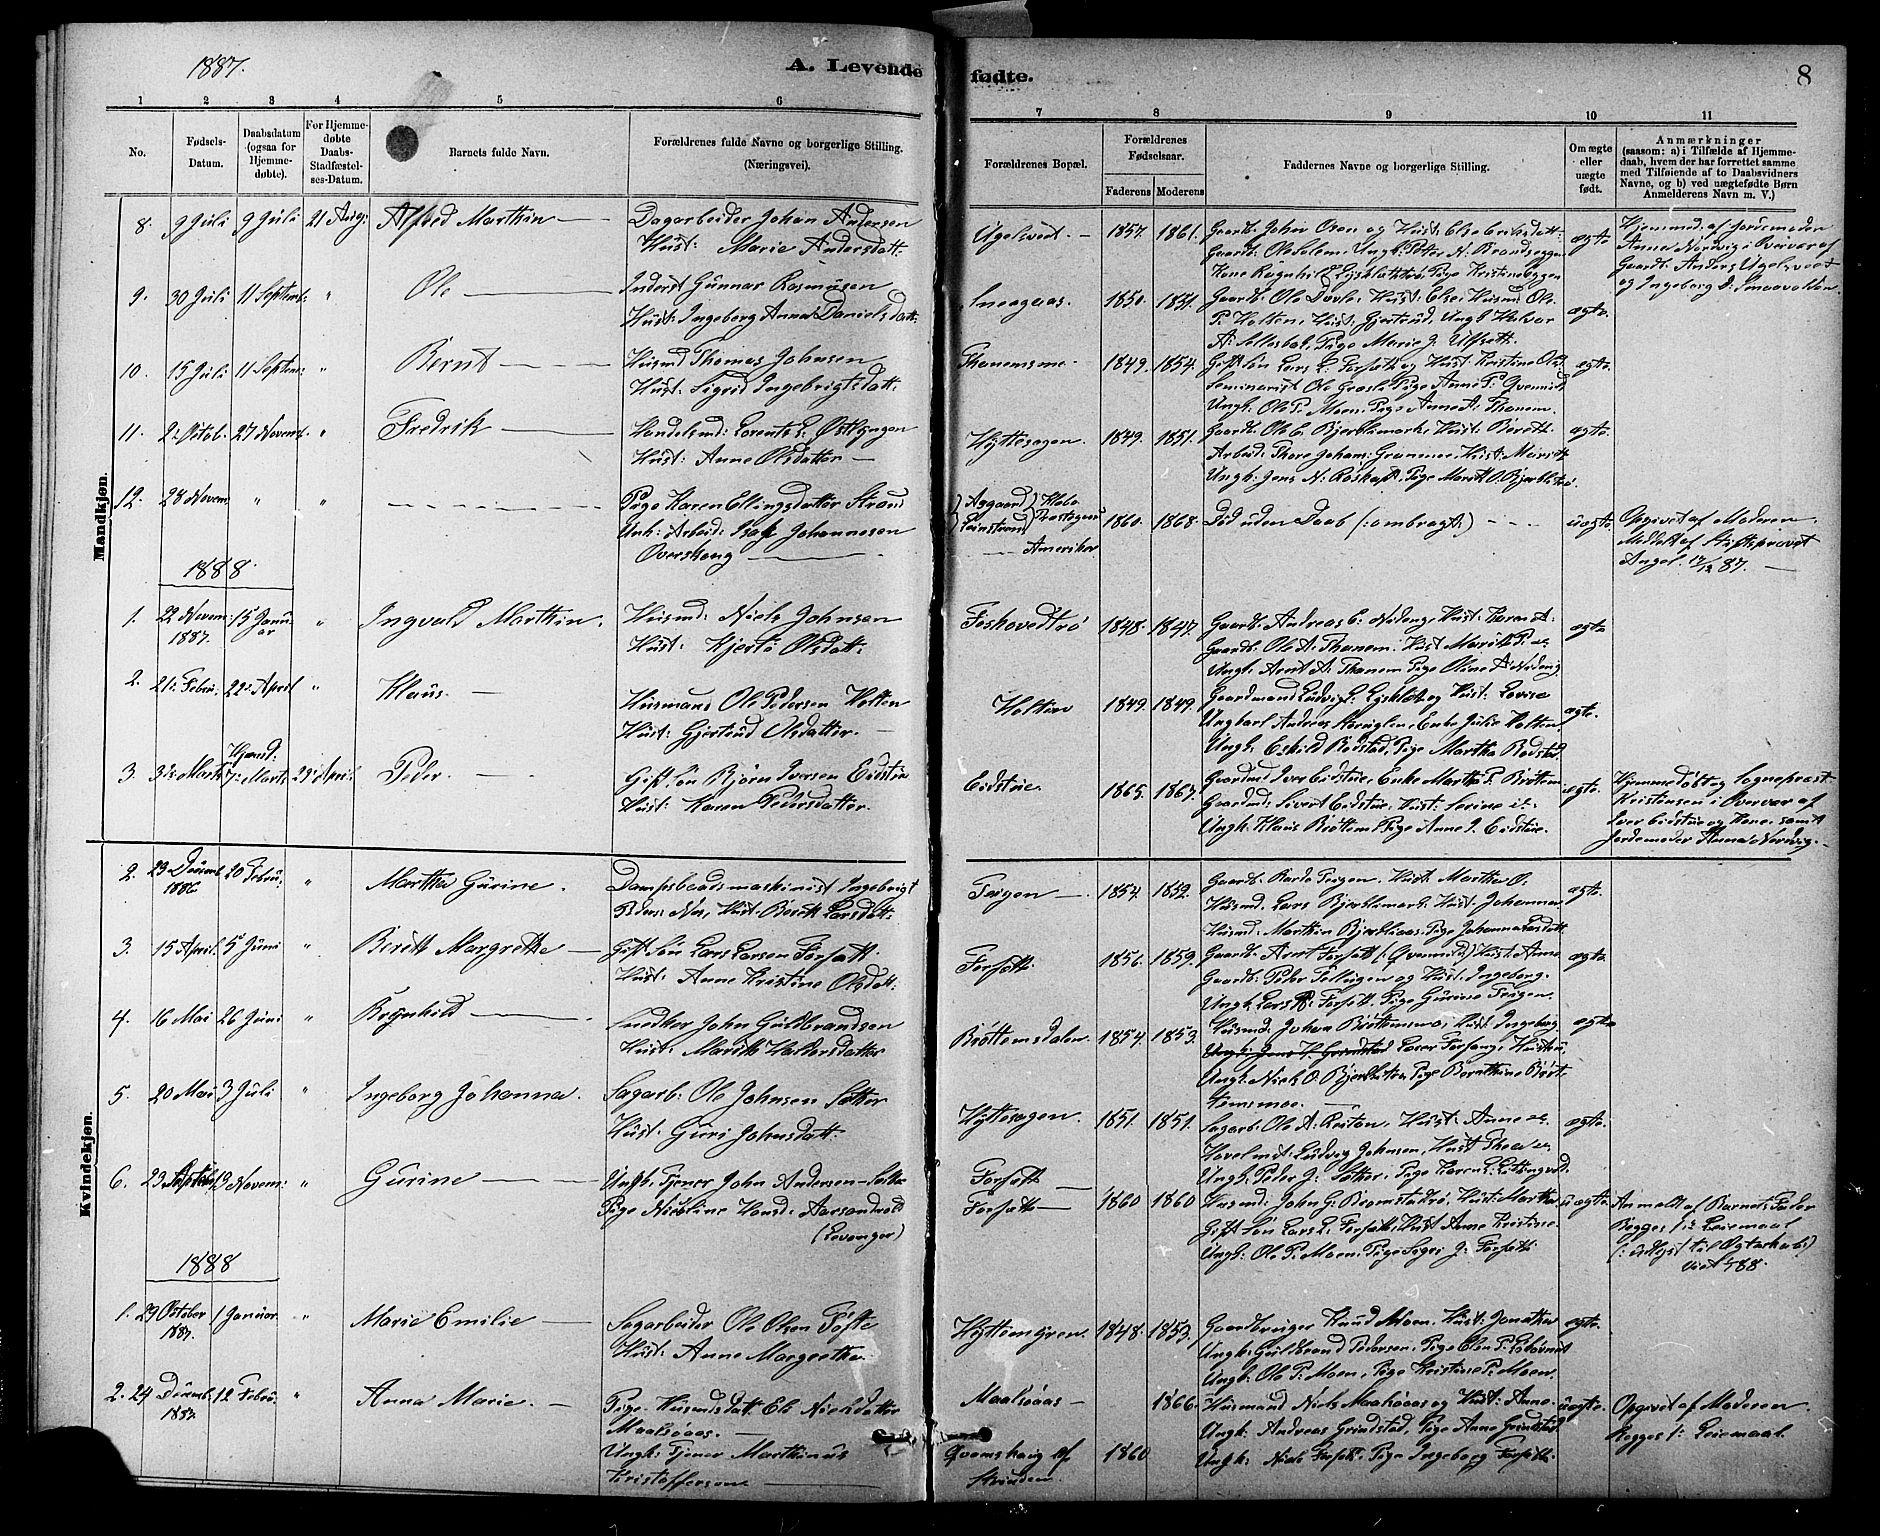 SAT, Ministerialprotokoller, klokkerbøker og fødselsregistre - Sør-Trøndelag, 618/L0452: Klokkerbok nr. 618C03, 1884-1906, s. 8